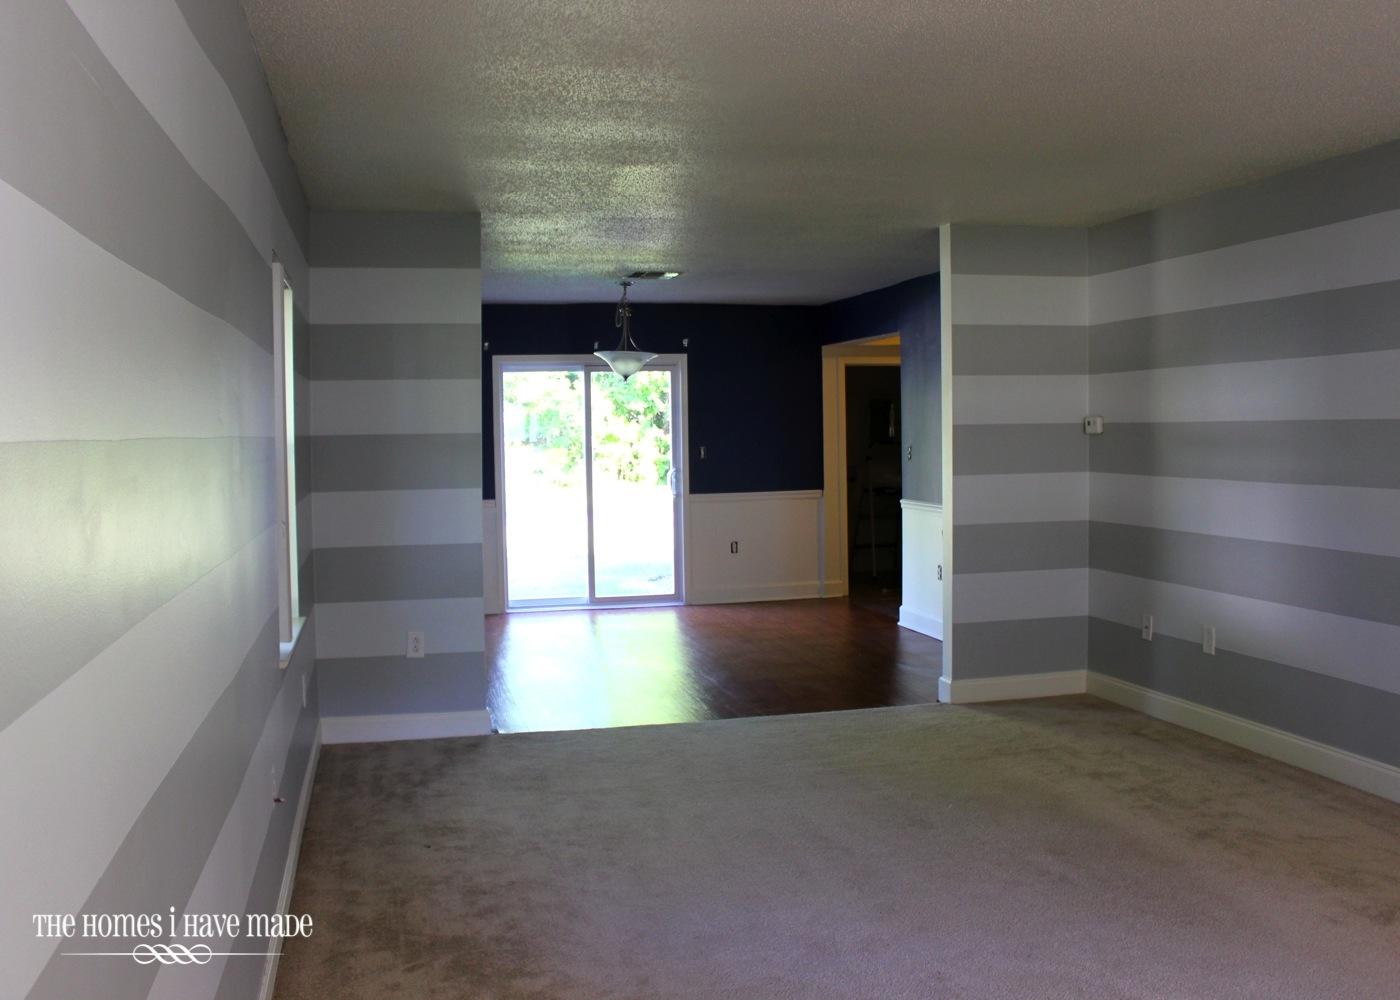 medium resolution of ideas for lighting a rental